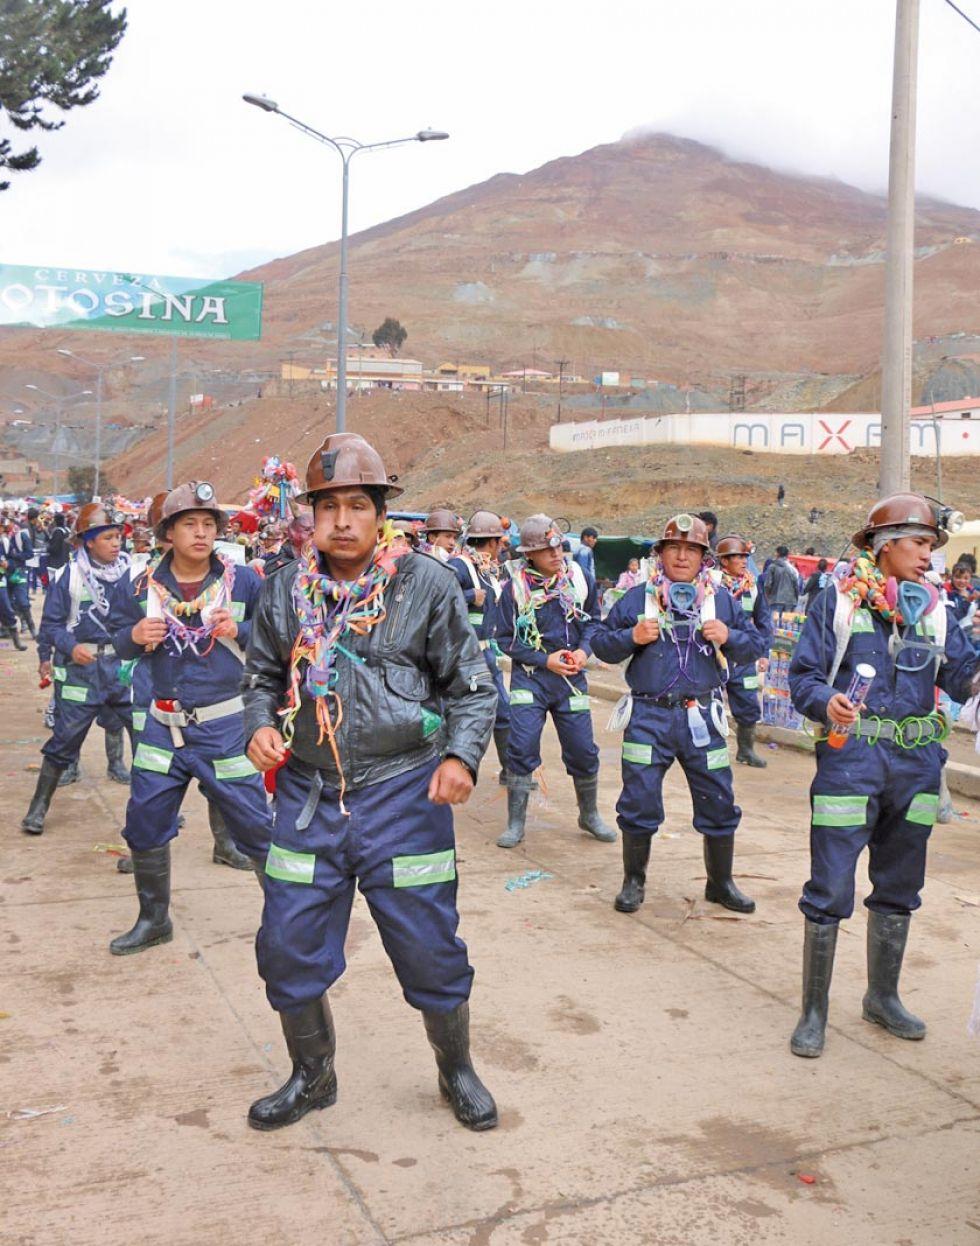 Los mineros cooperativistas protagonizan esta entrada, única en su género.